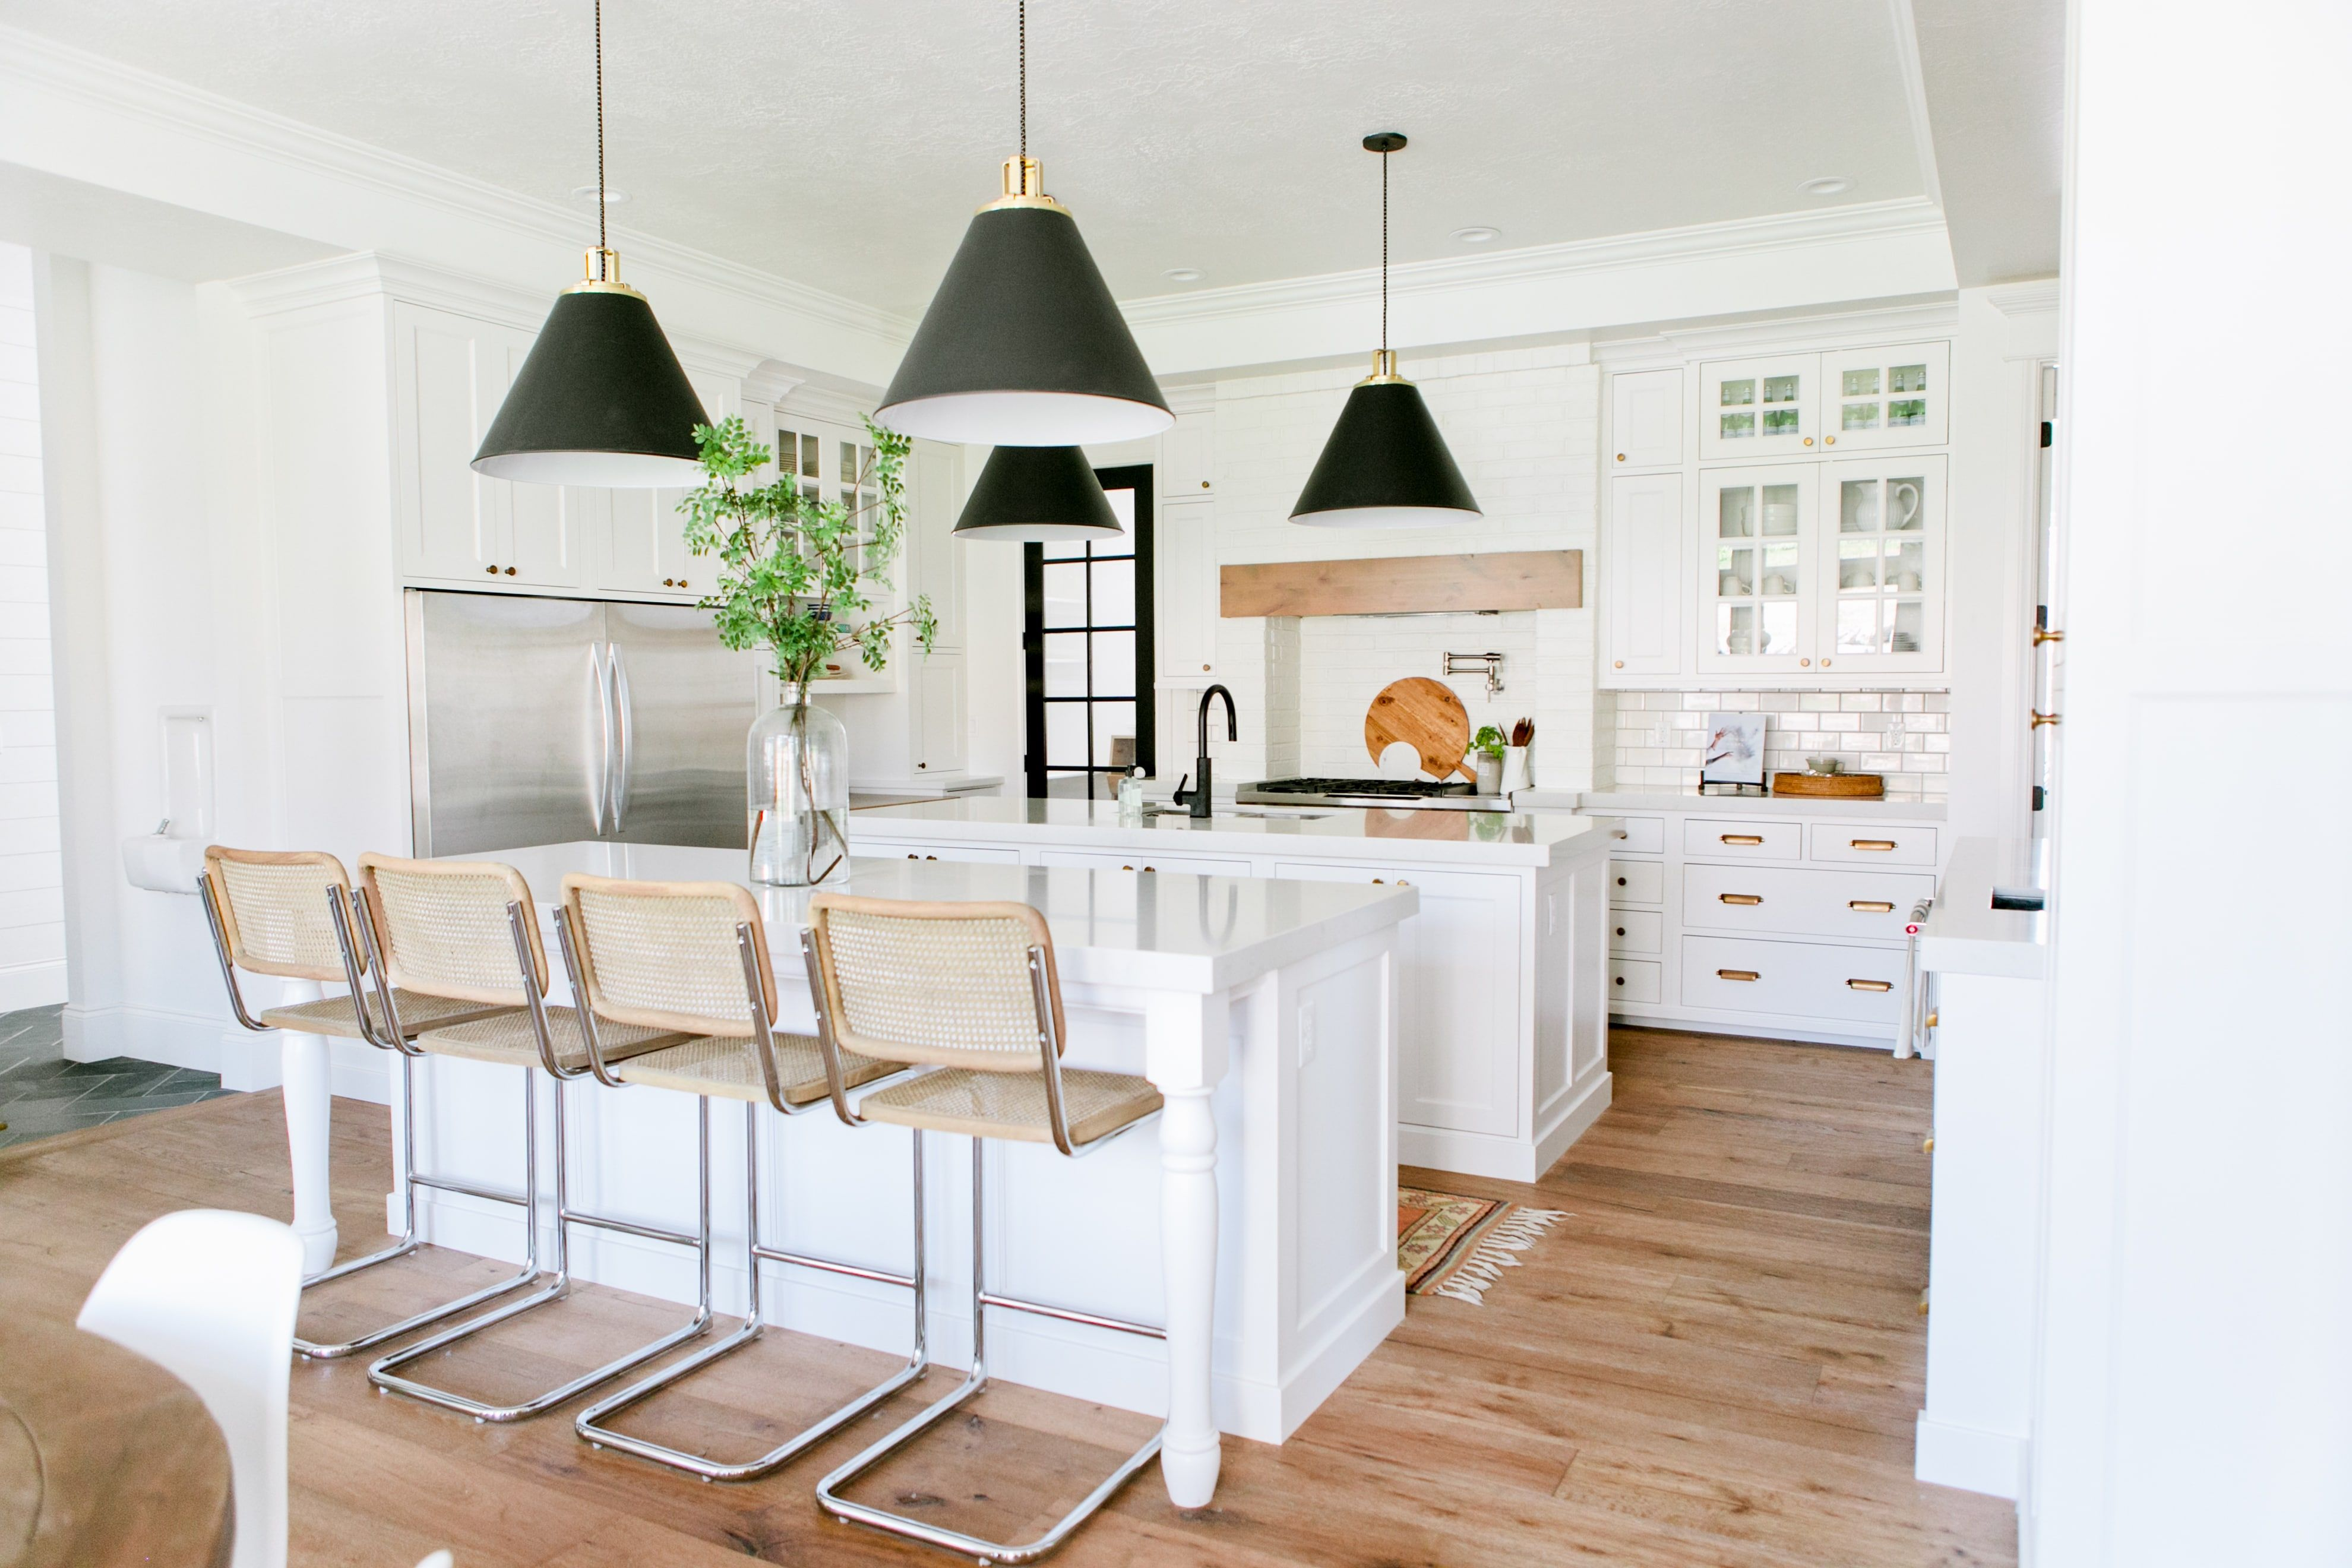 La mode est la cuisine ouverte blanche la fois sobre lumineuse esth tique voil des - Cuisine americaine blanche ...